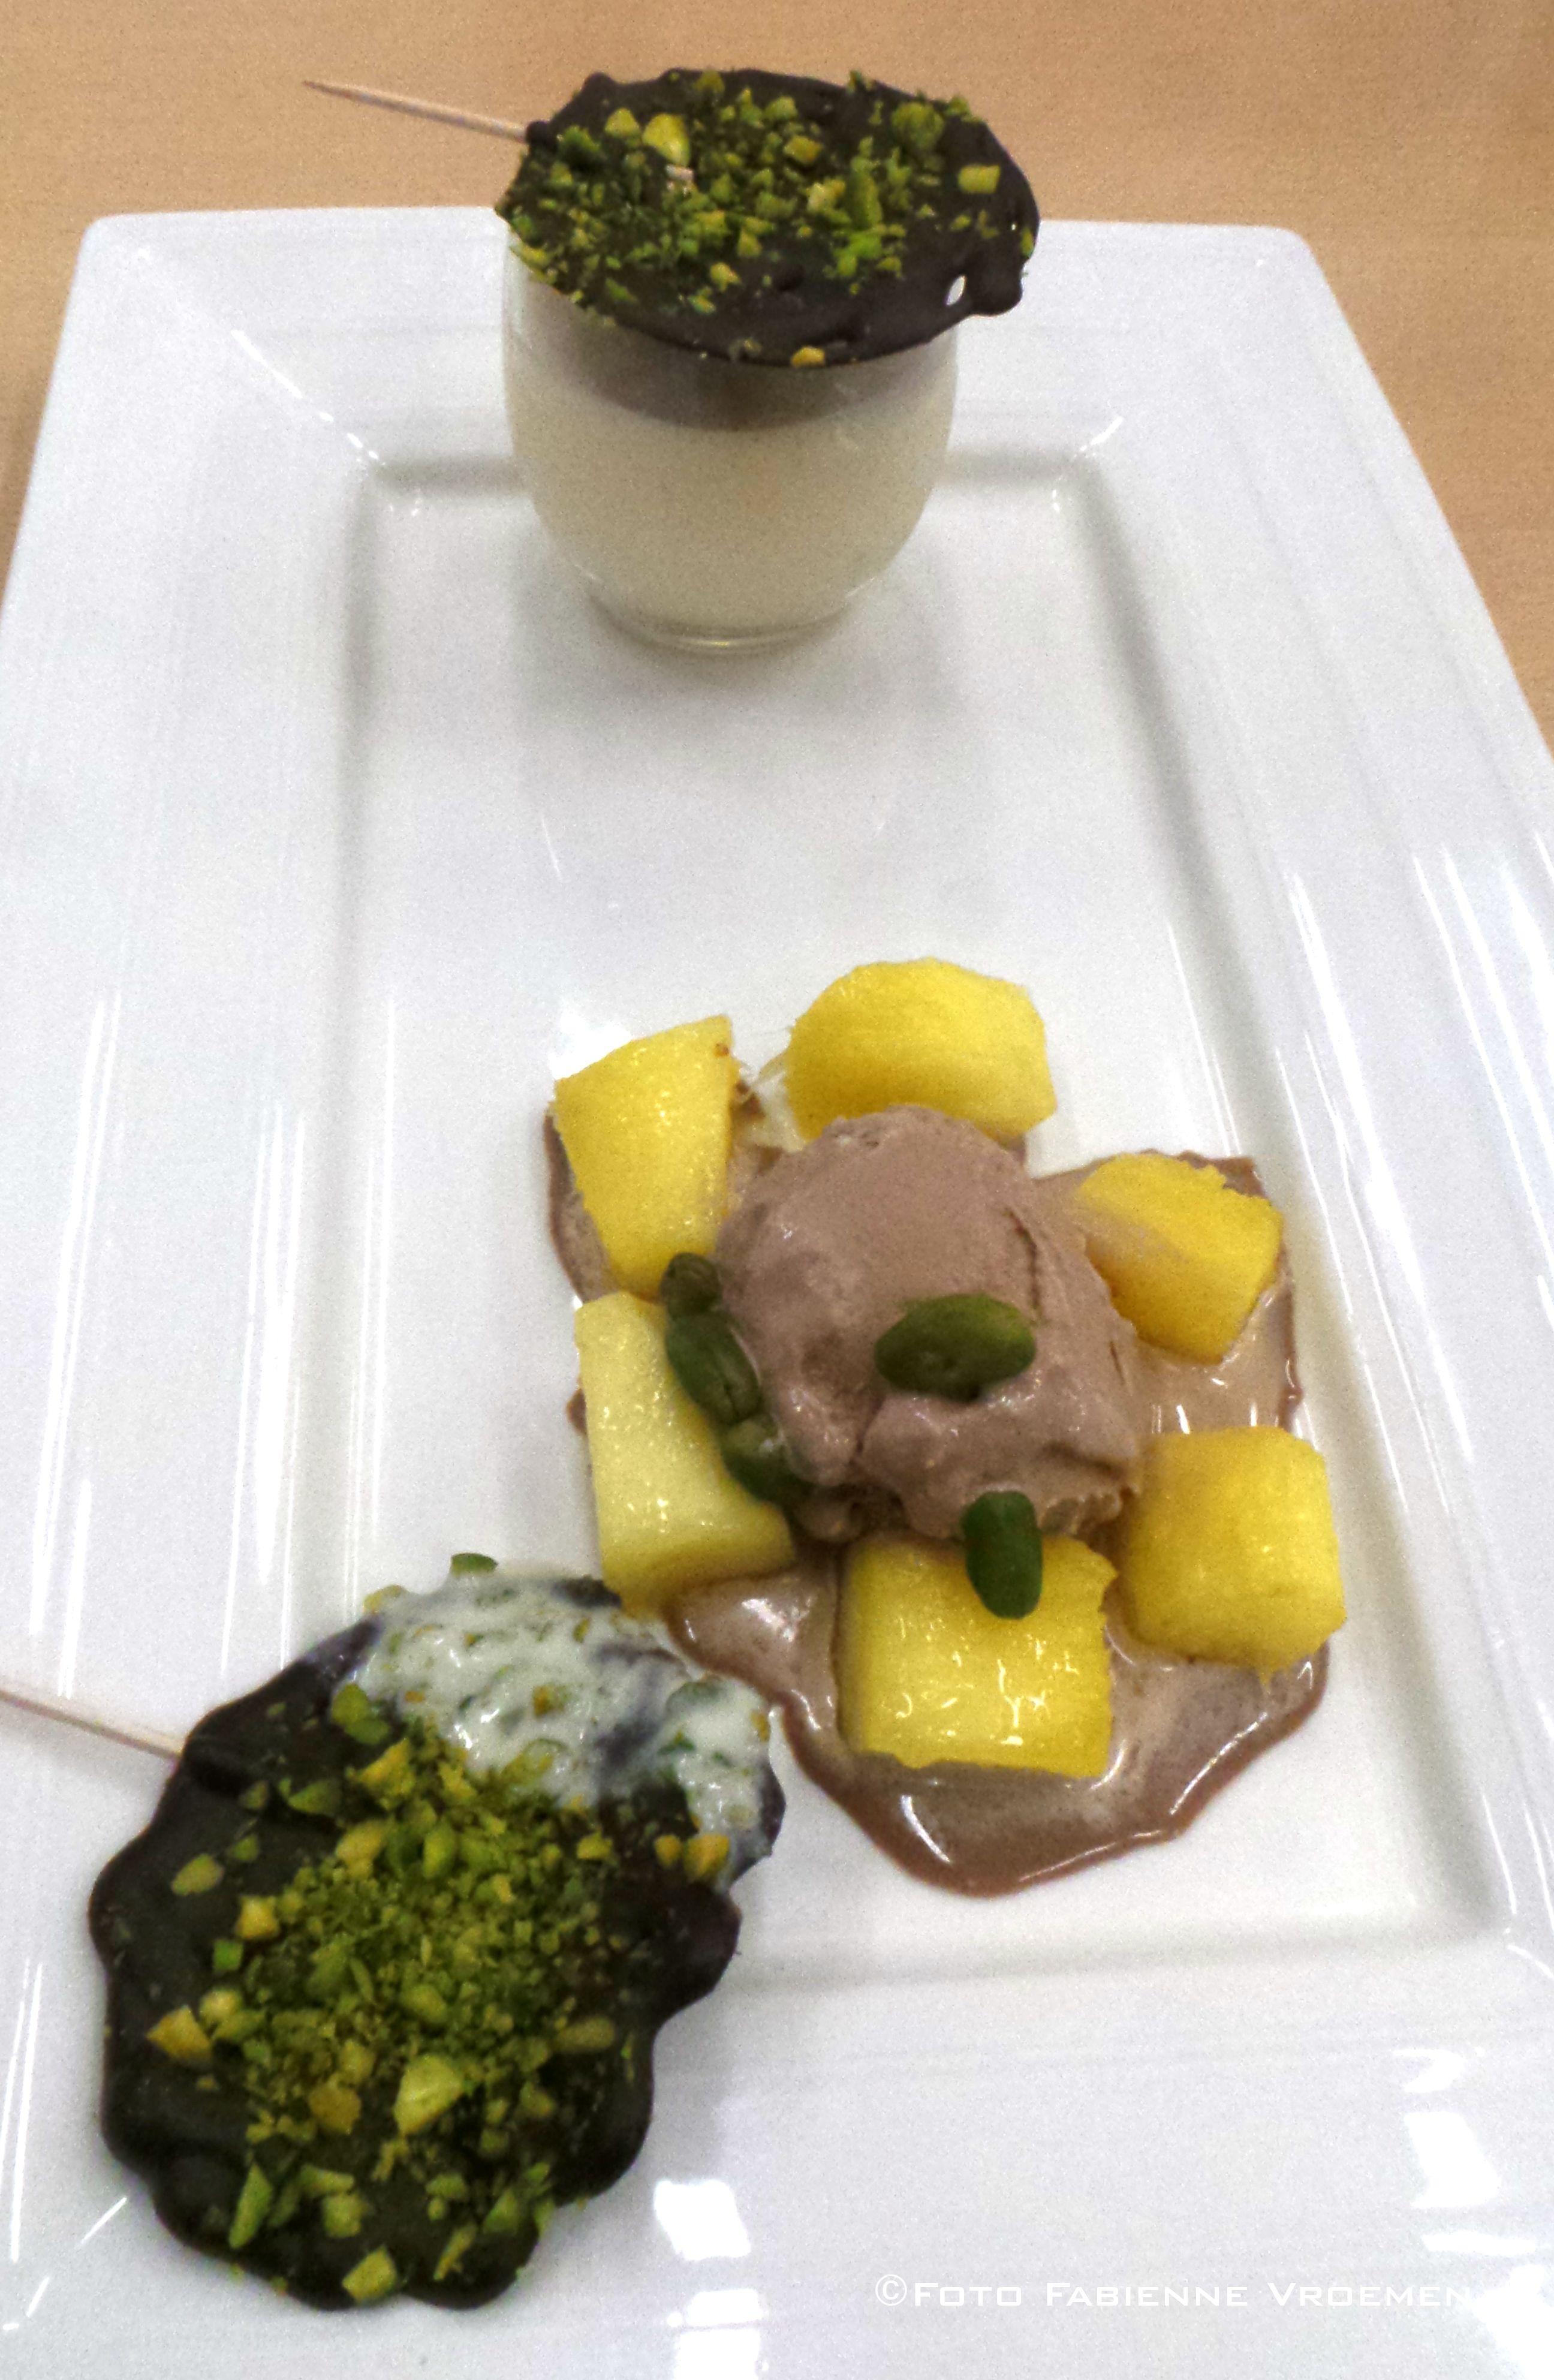 Brochette van mango, ijs van chocolade en cappuccino van banaan